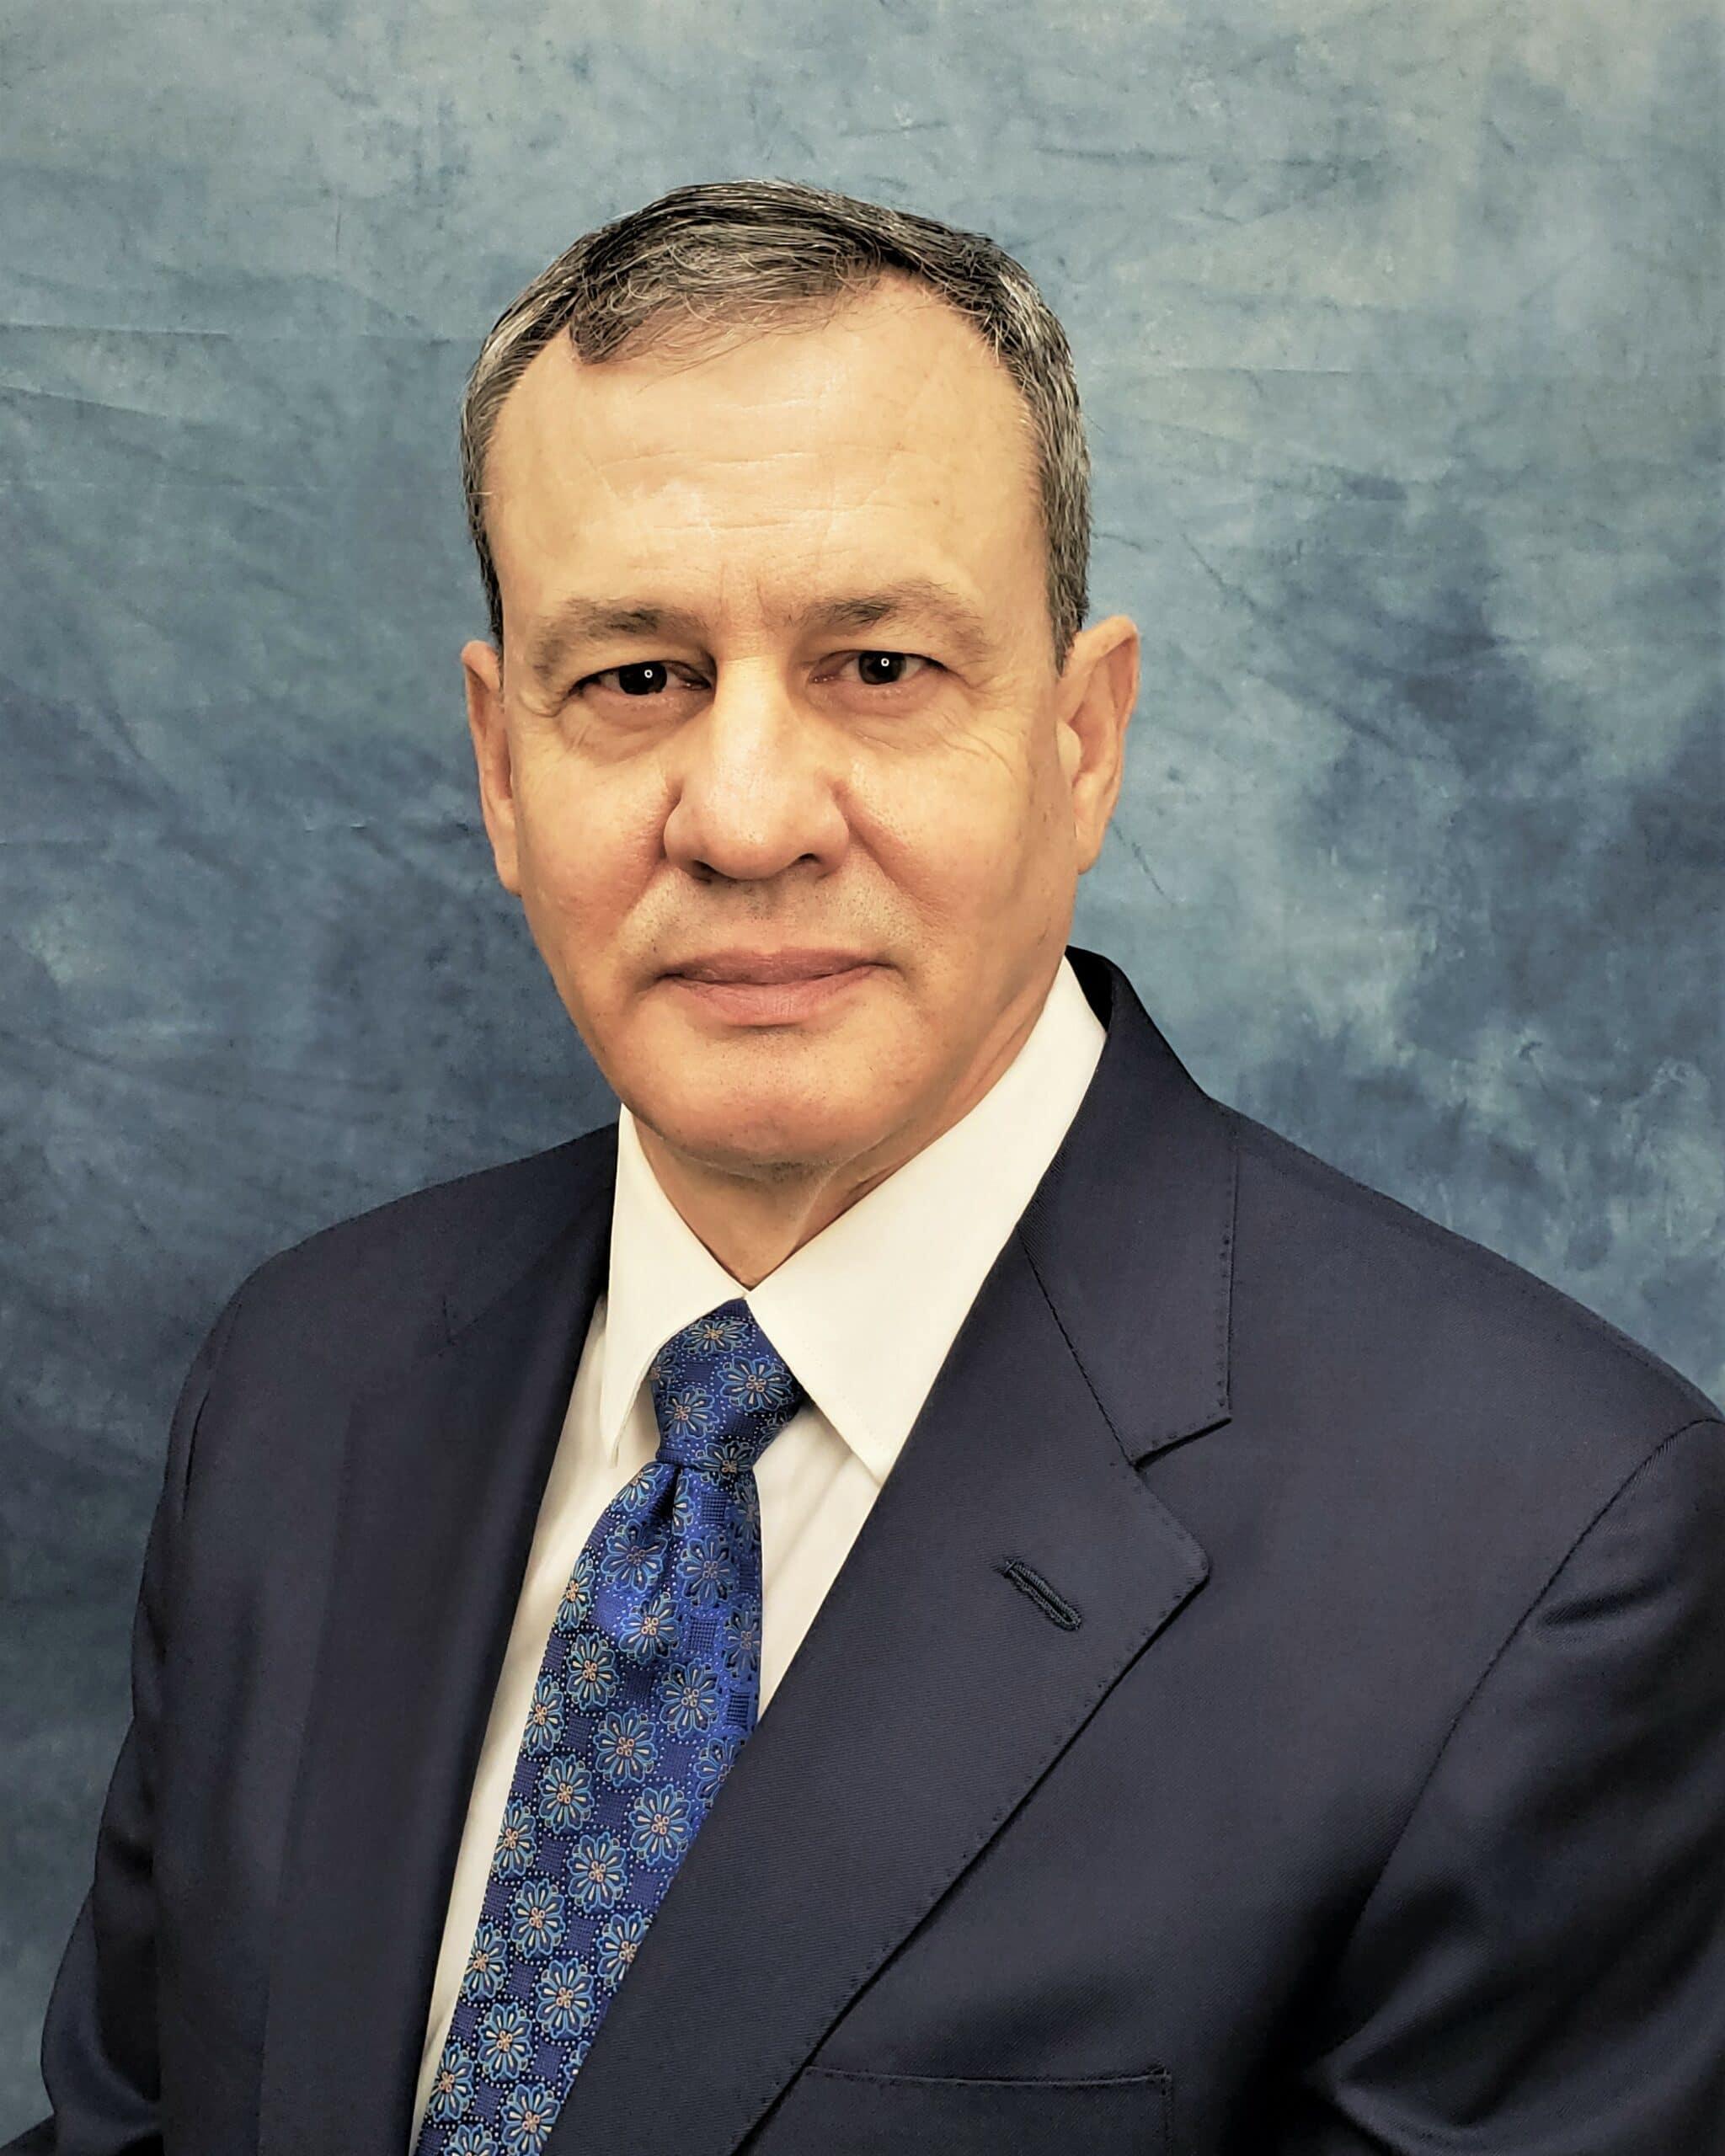 Bill Toti